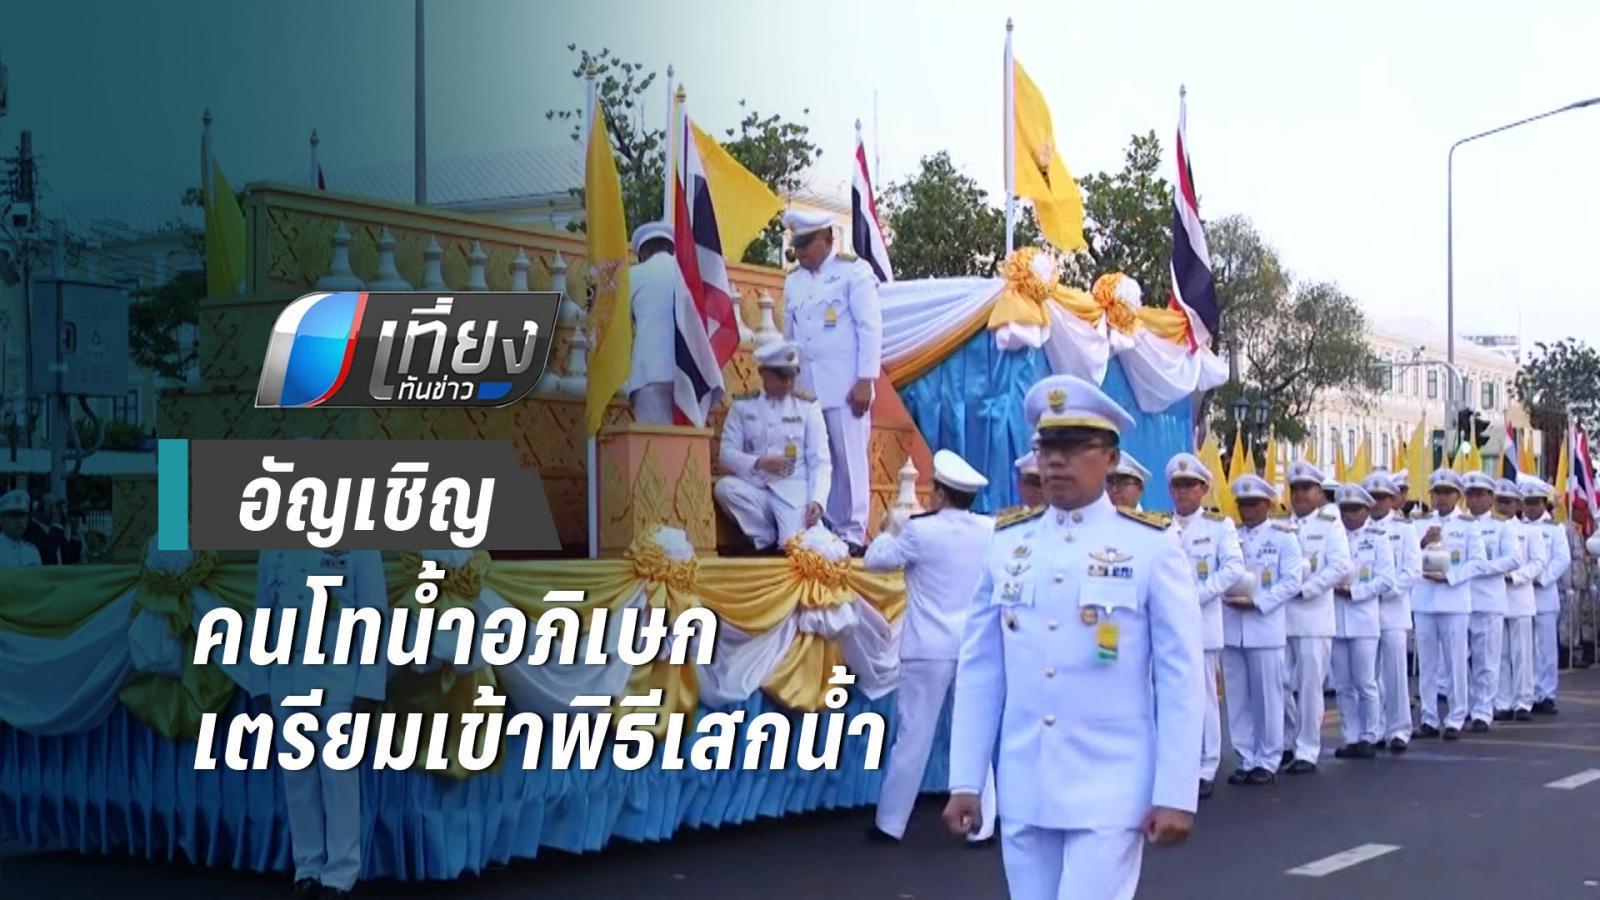 มหาดไทย อัญเชิญคนโทน้ำอภิเษก ไปวัดสุทัศน์ฯ